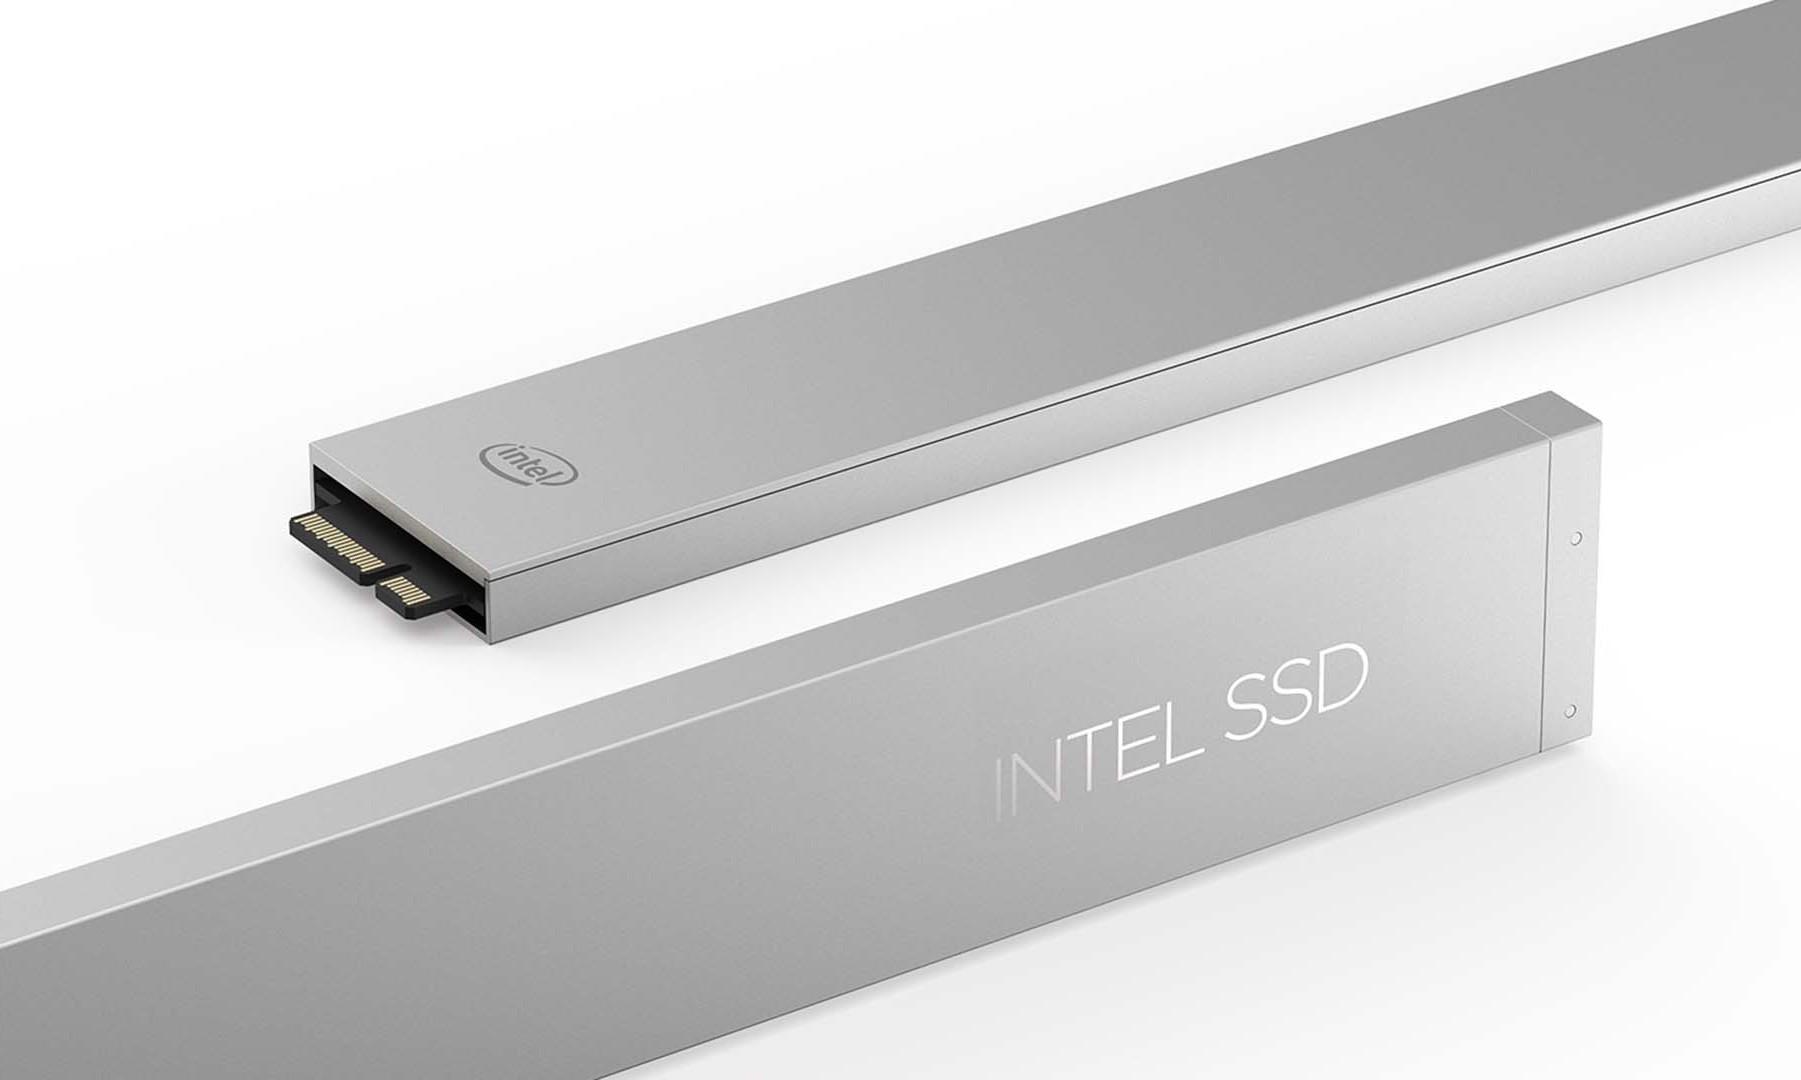 售价3.3万元!英特尔悄悄发布15.3TB SSD